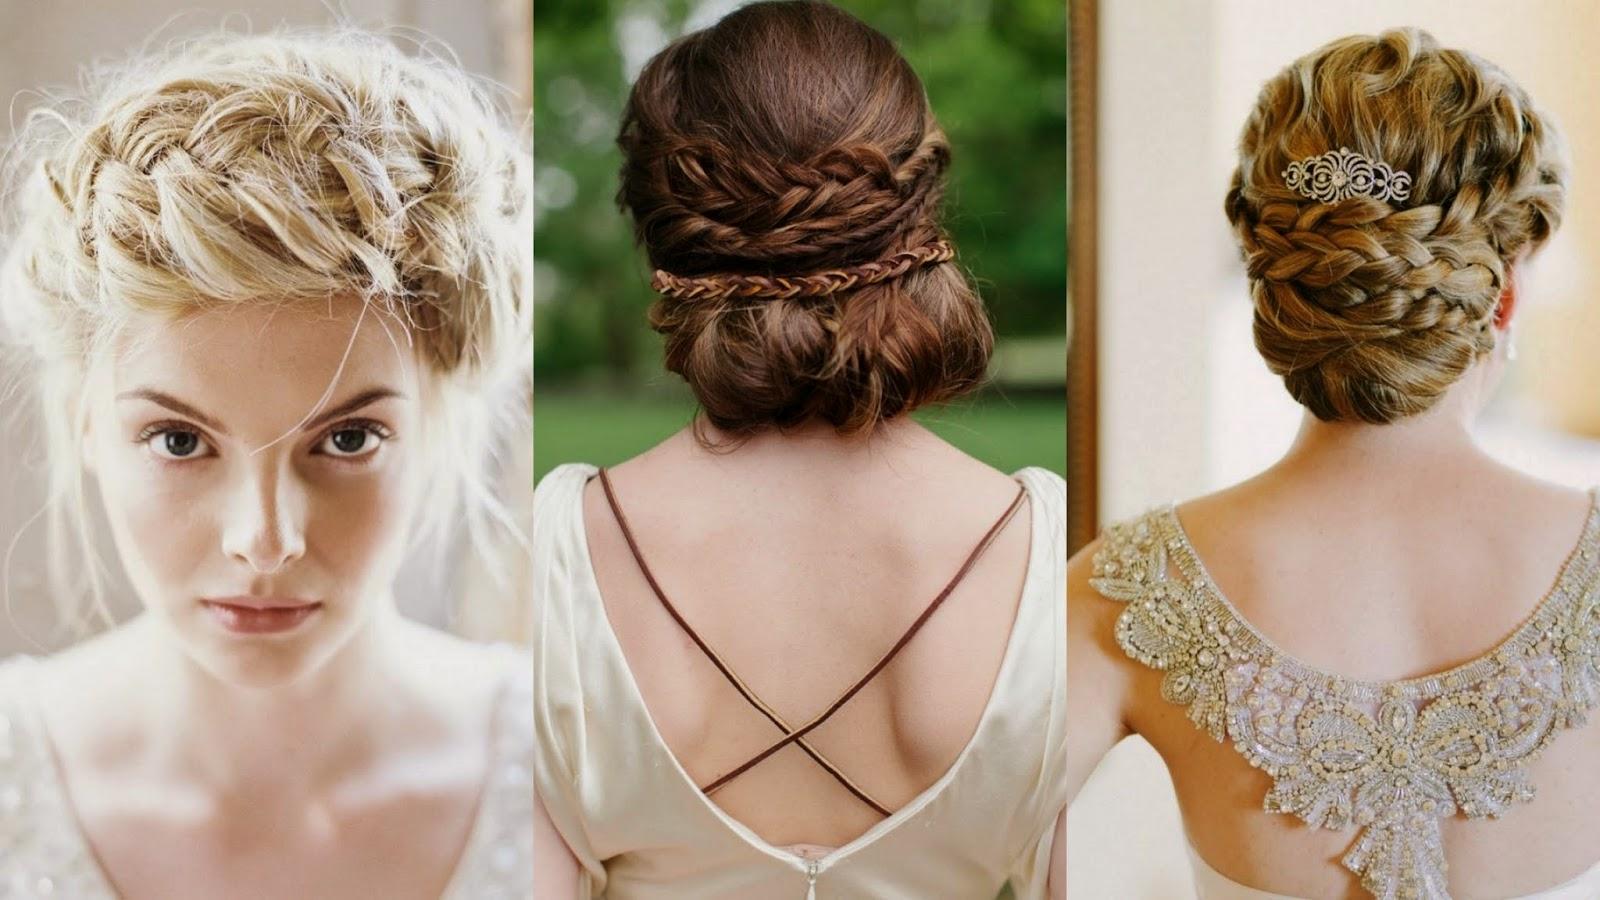 Recogidos De Pelo Corto Para Bodas - Peinados de novia para pelo corto Bodaclick